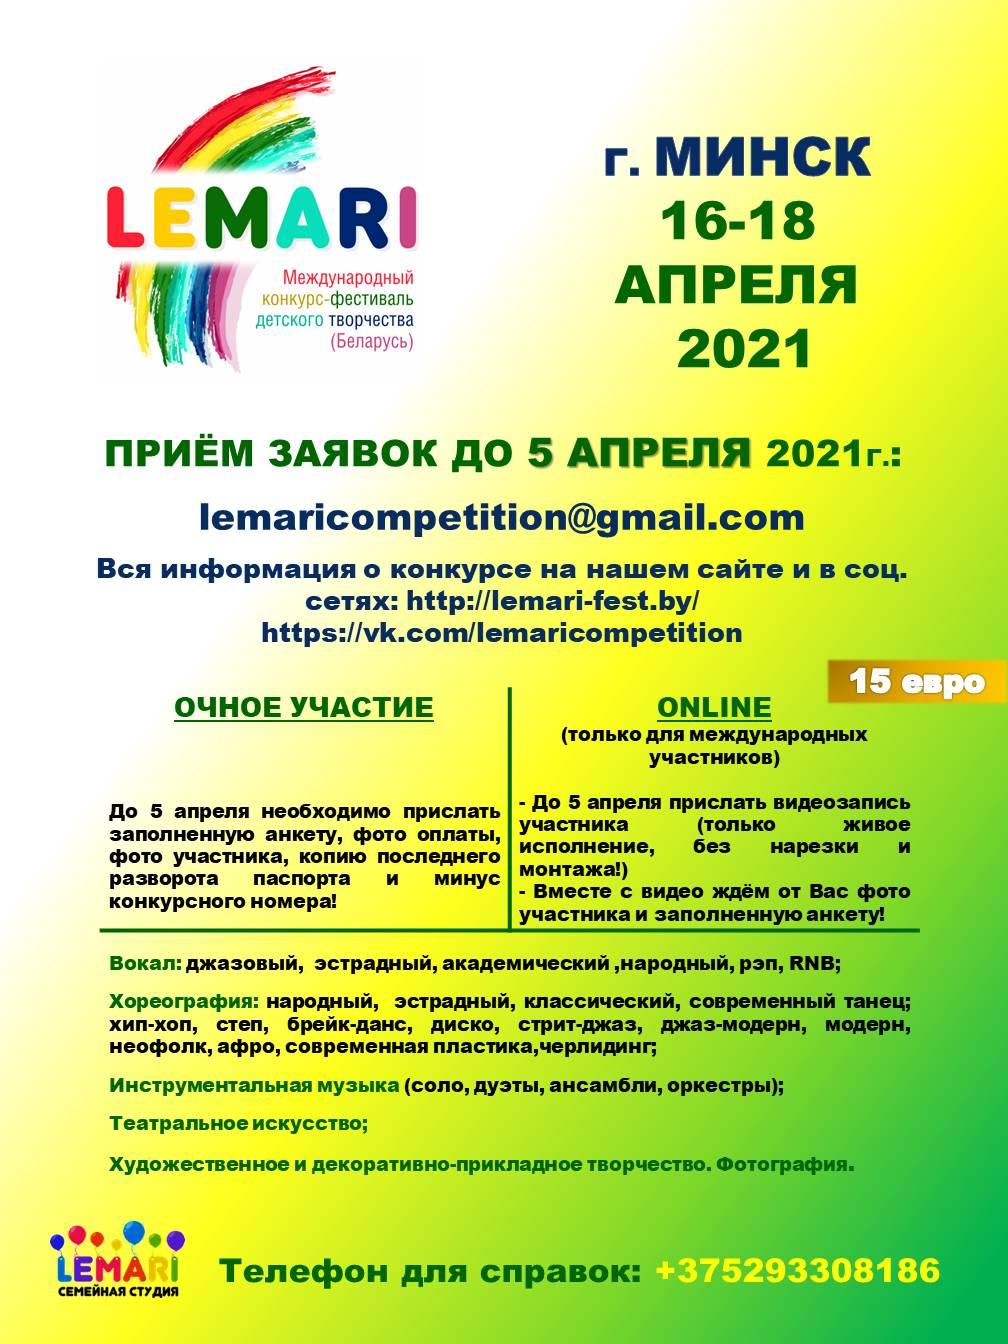 Международный конкурс — фестиваль «Lemari»